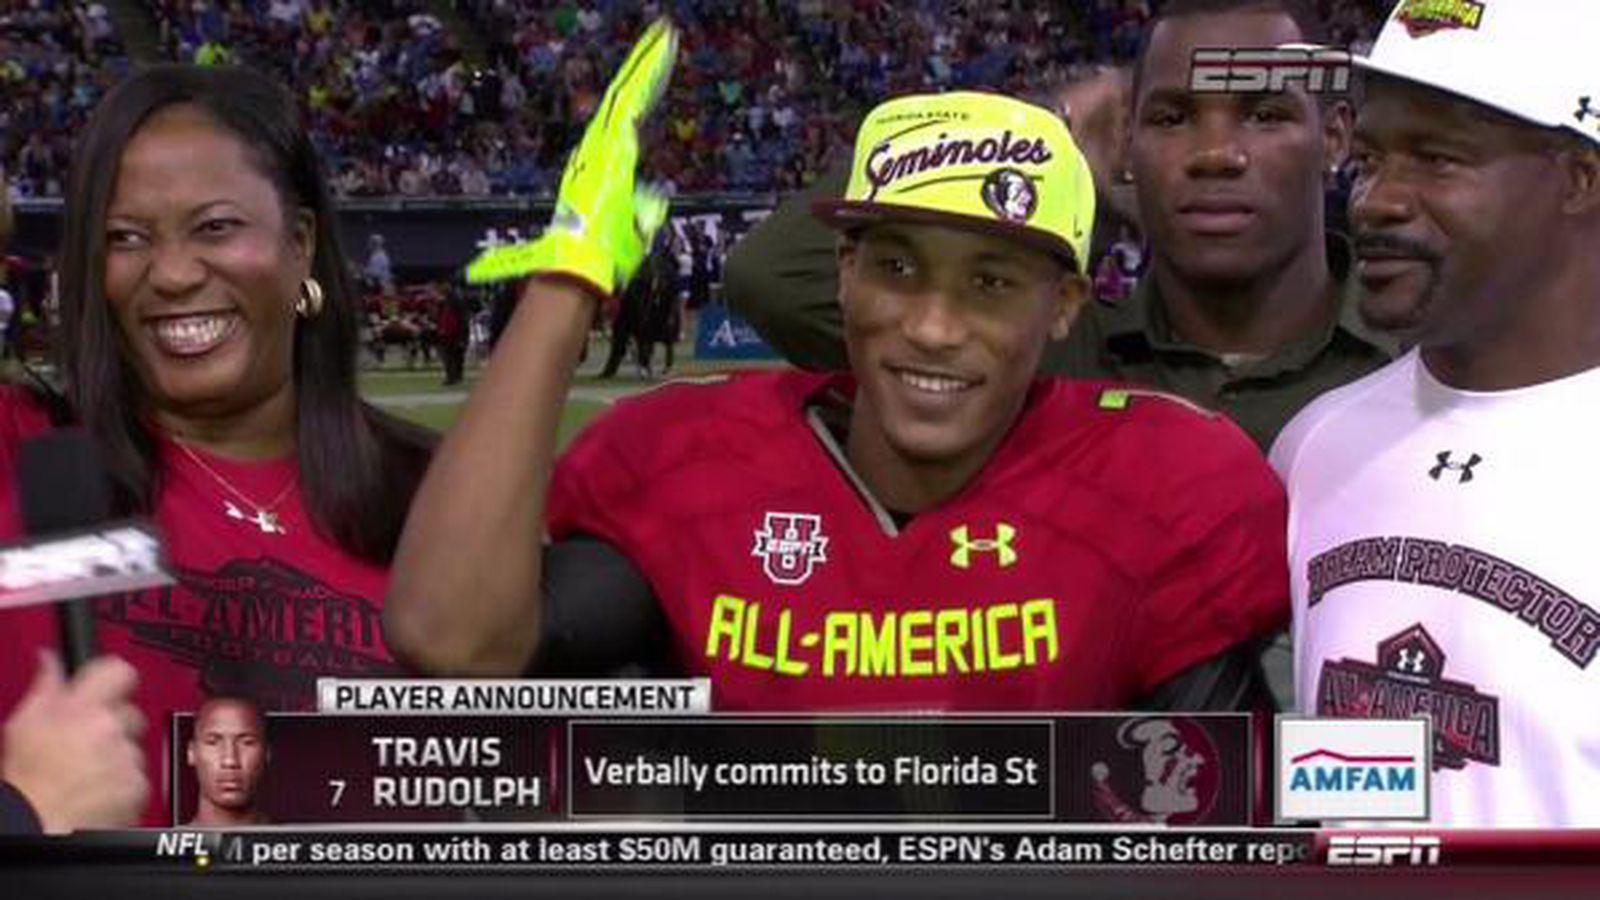 特拉维斯·鲁道夫(Travis Rudolph)承诺在佛罗里达州立大学阿拉巴马州:塞米诺尔斯队获得4星级接收新兵